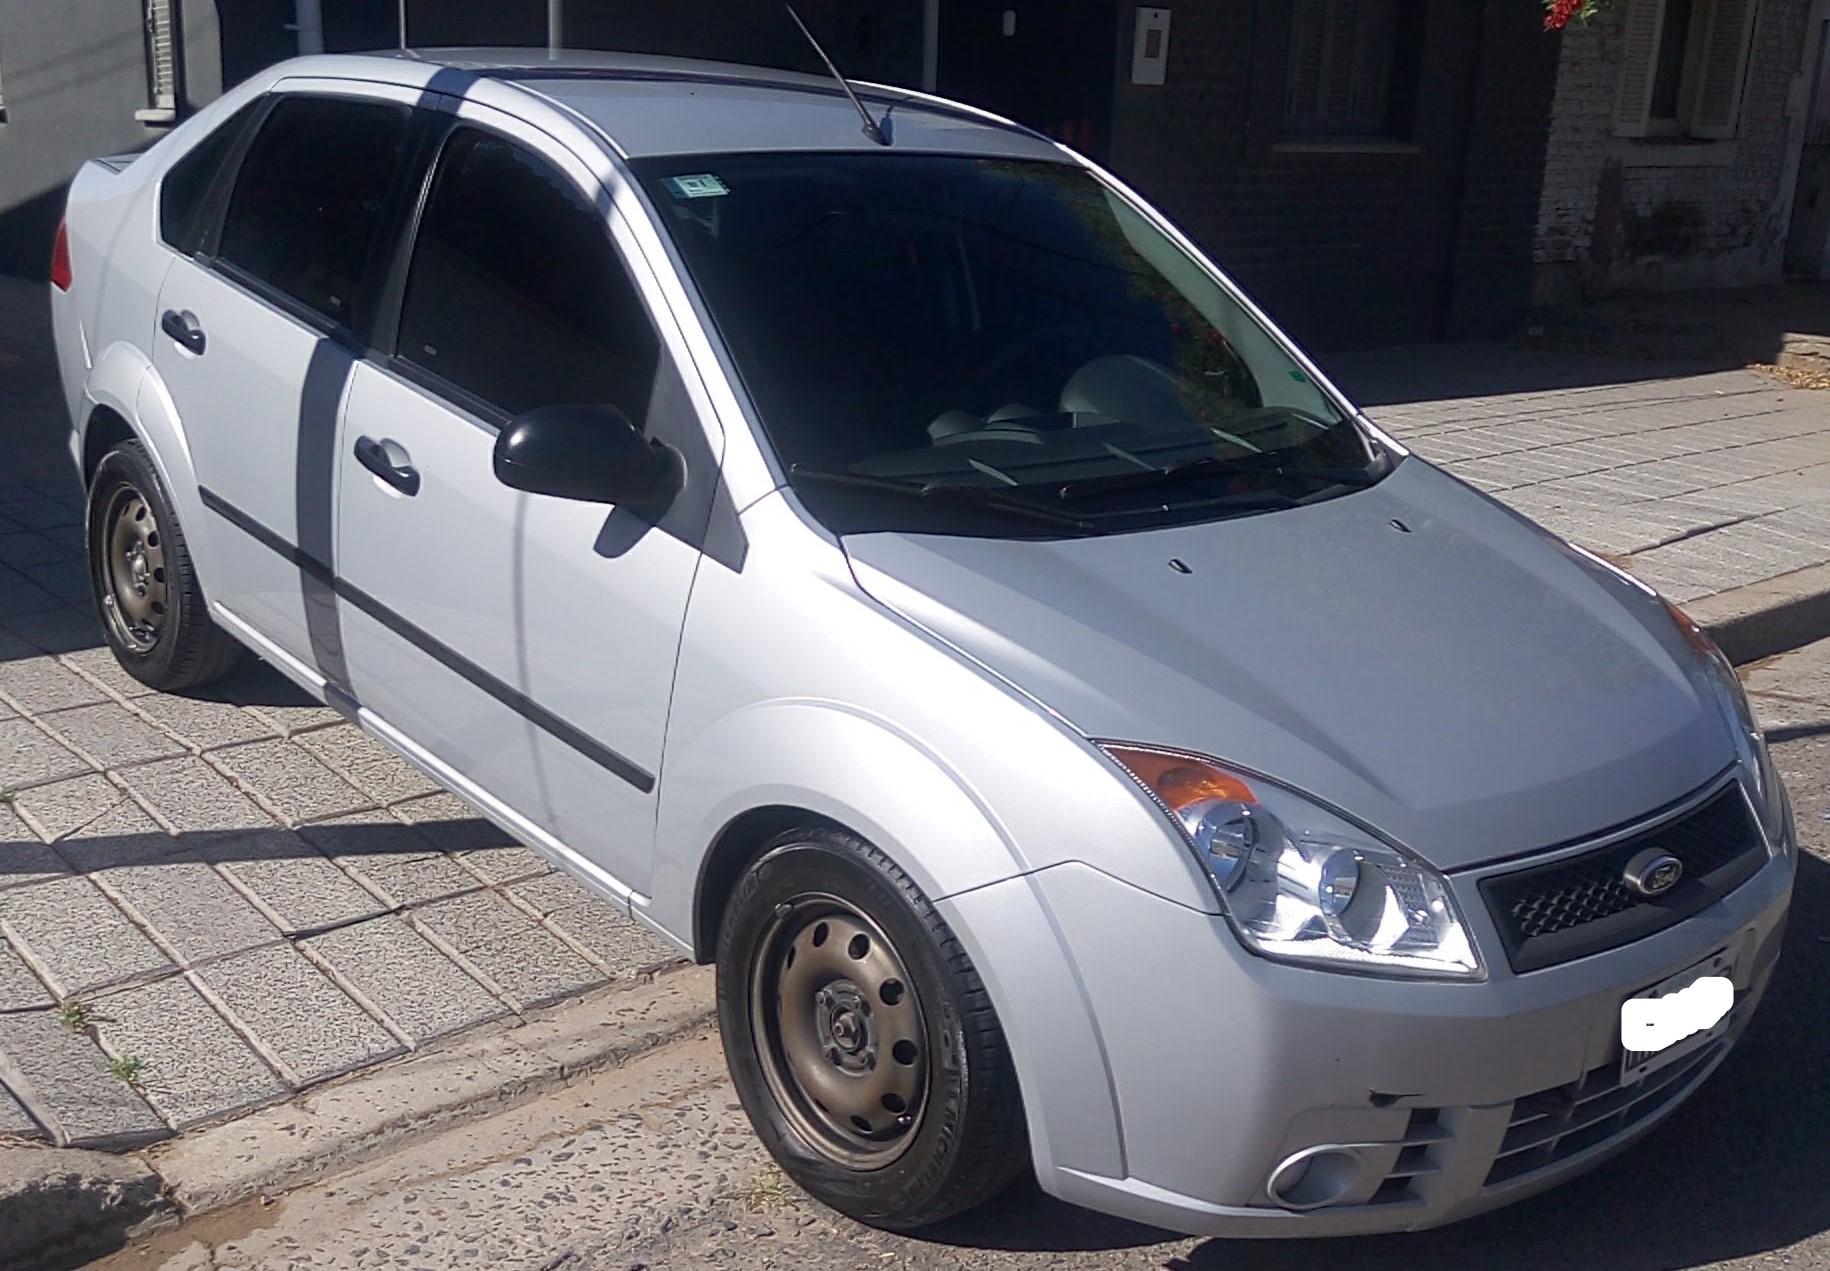 Fiesta Max 2009 c/ 87000 km